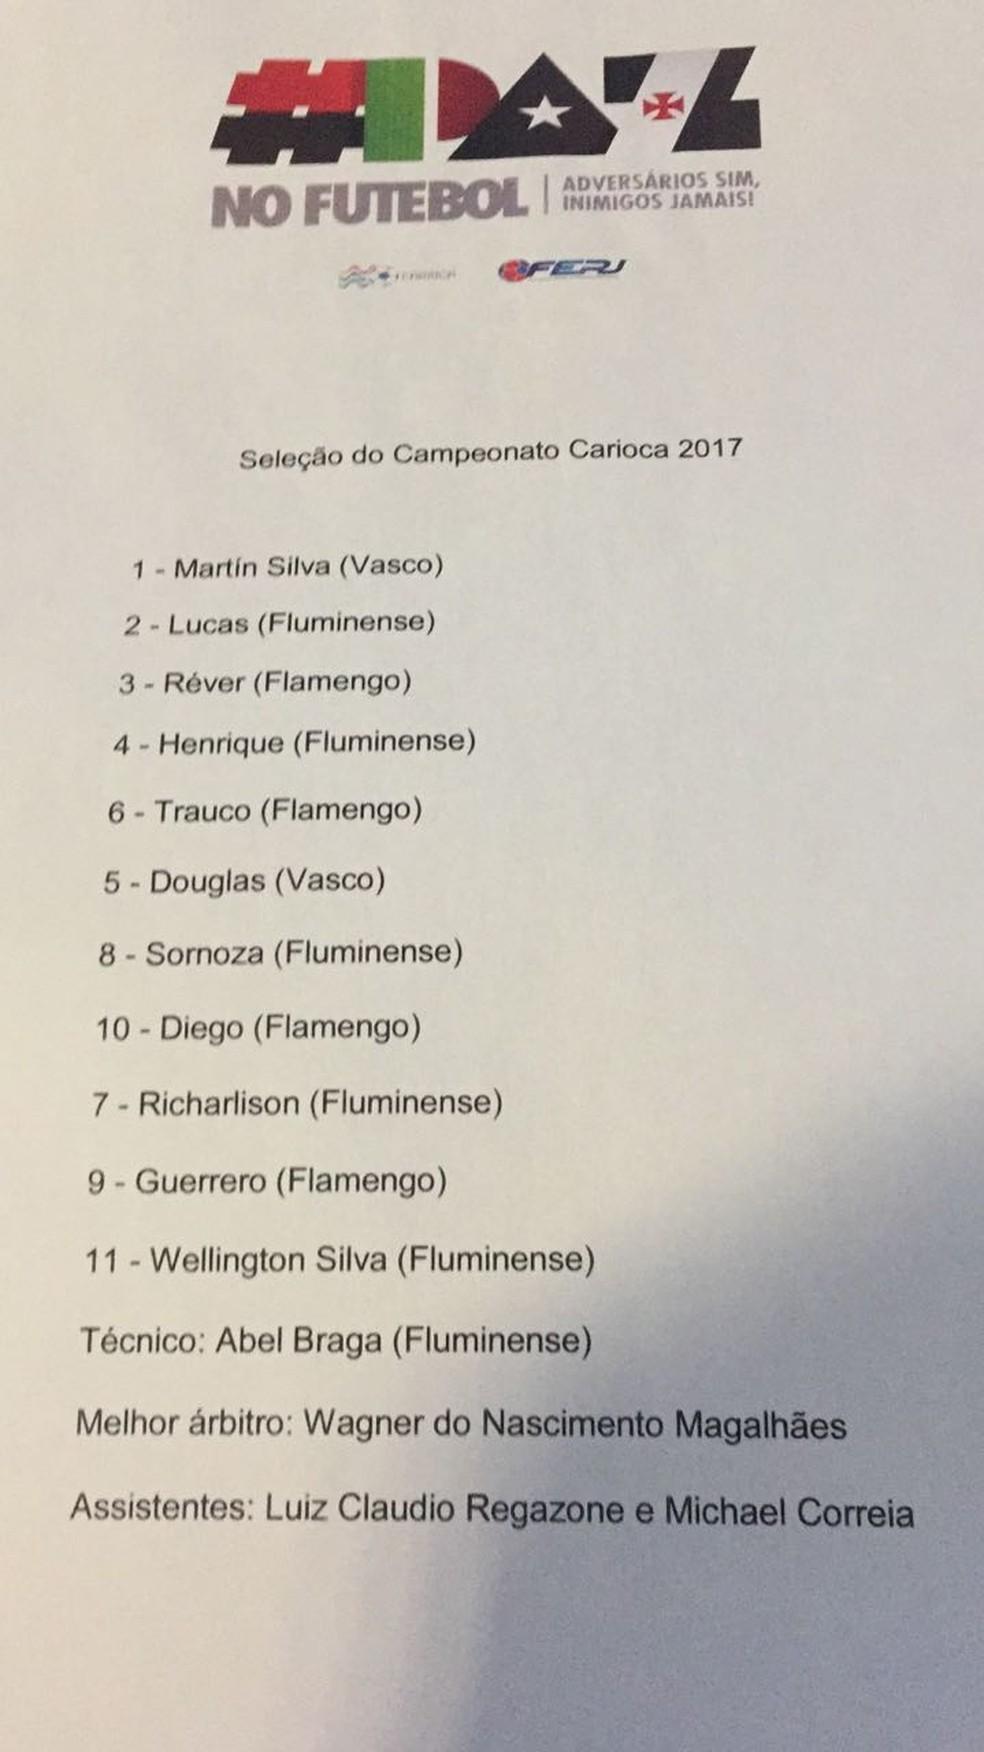 Seleção do Campeonato Carioca 2017 (Foto: Edgard Maciel de Sá)